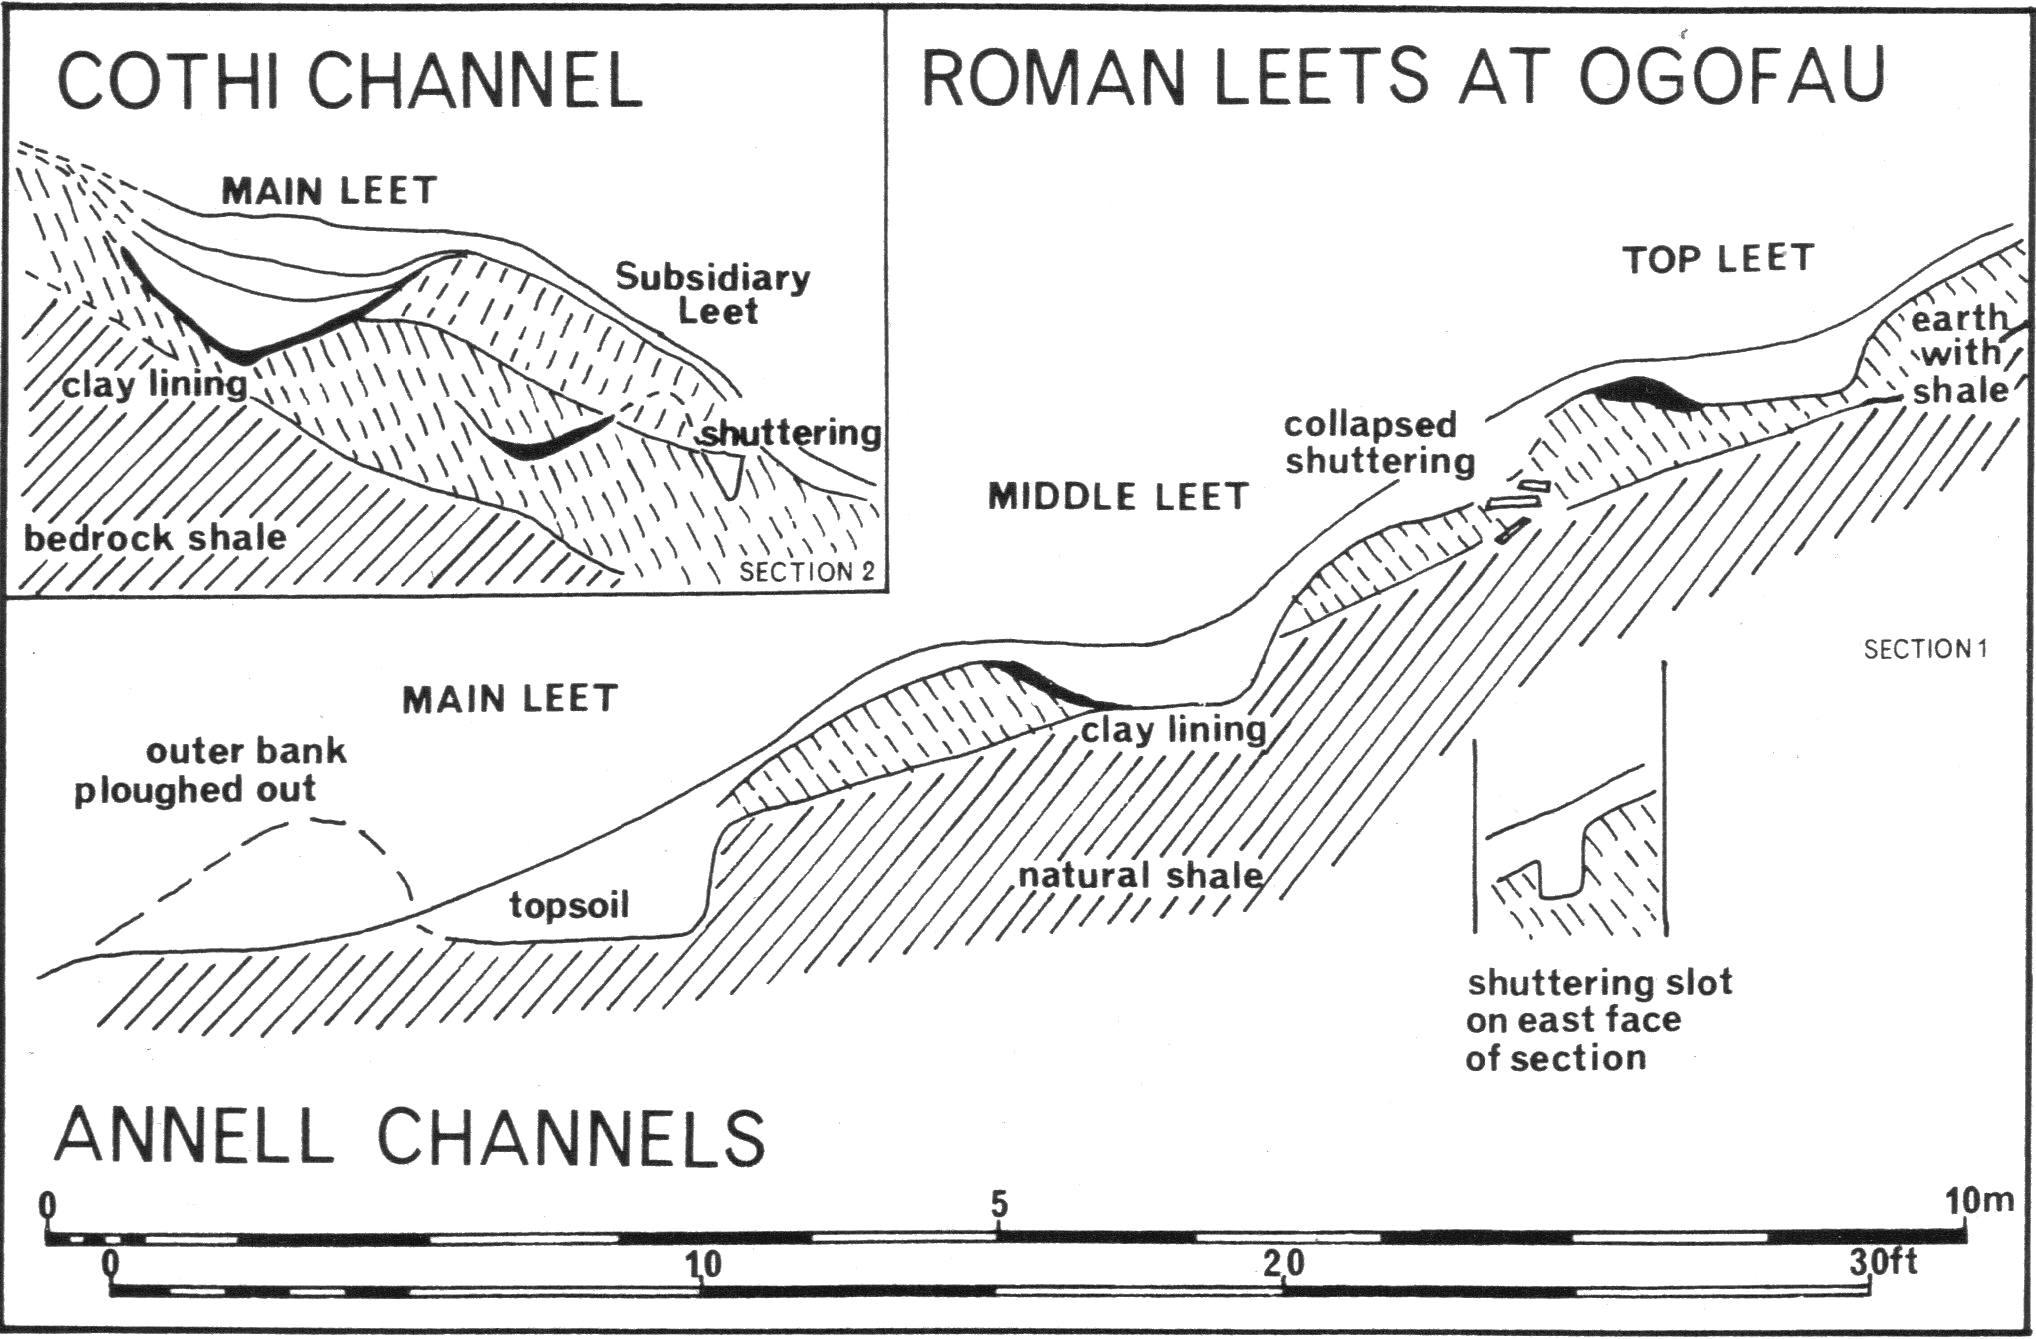 Roman Aqueduct Mannaismaya Adventure S Blog